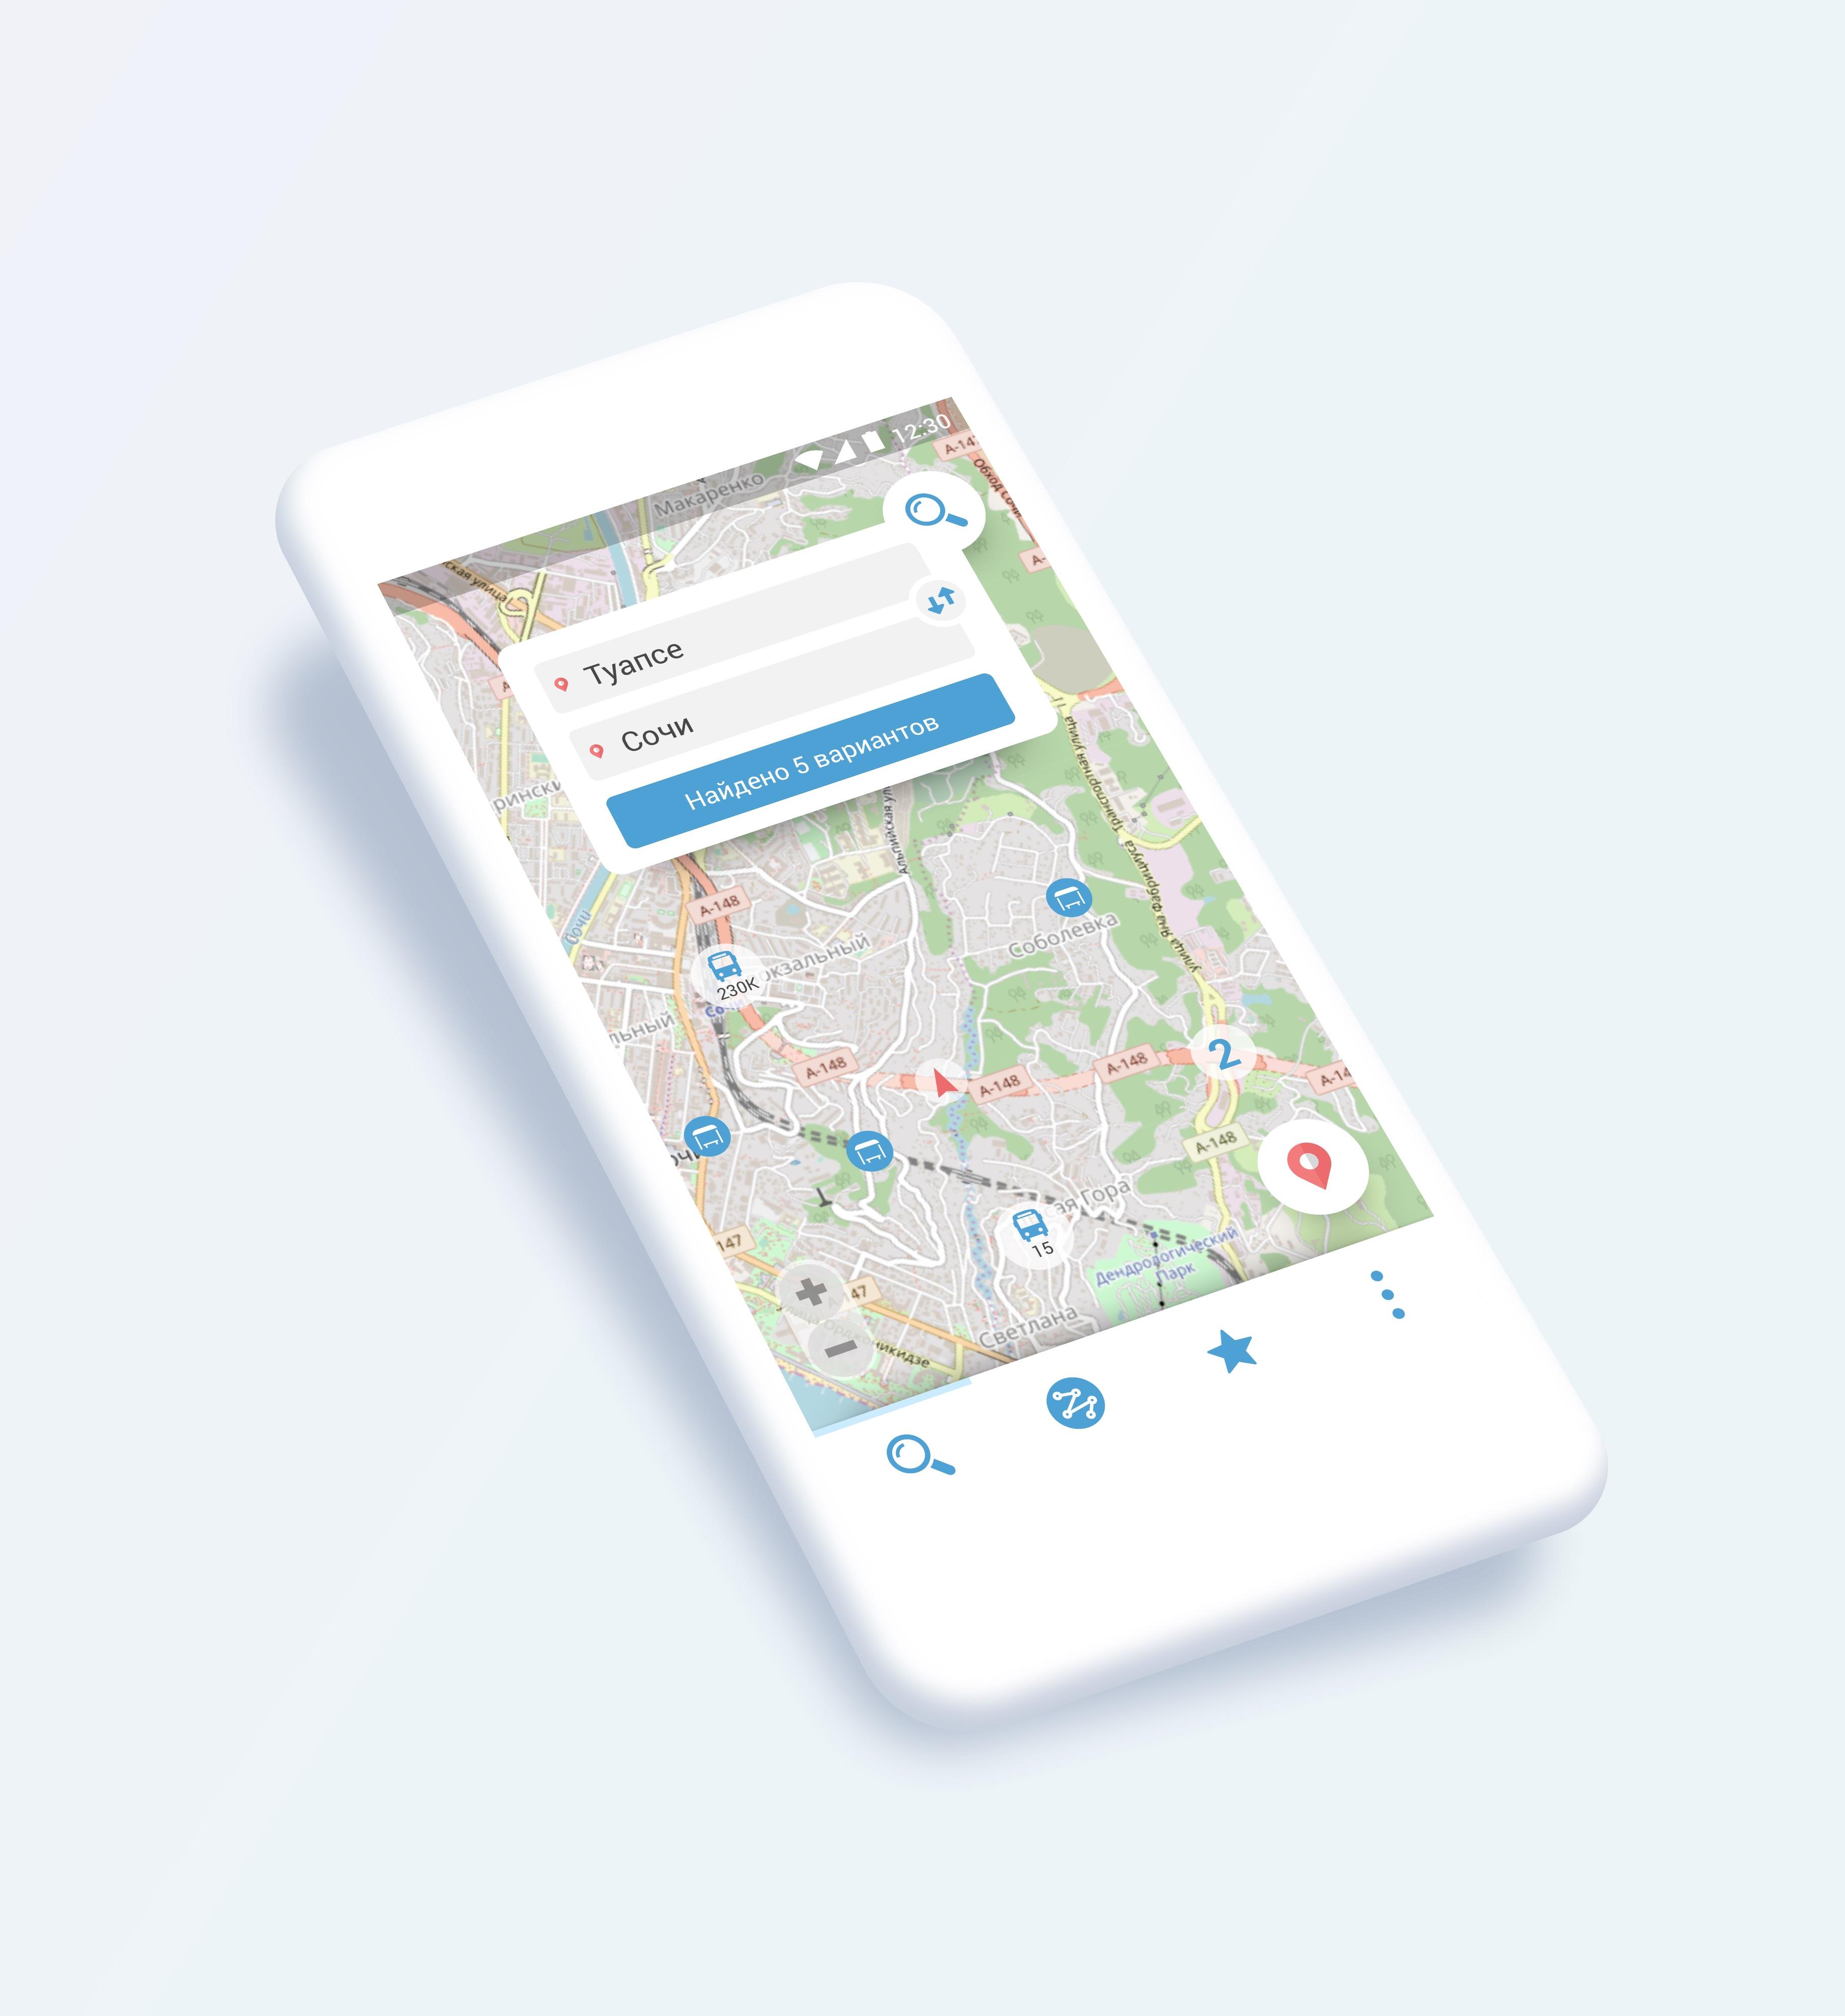 Дизайн-концепция мобильного приложения (3 экрана) фото f_8645b6cf9de9b621.jpg